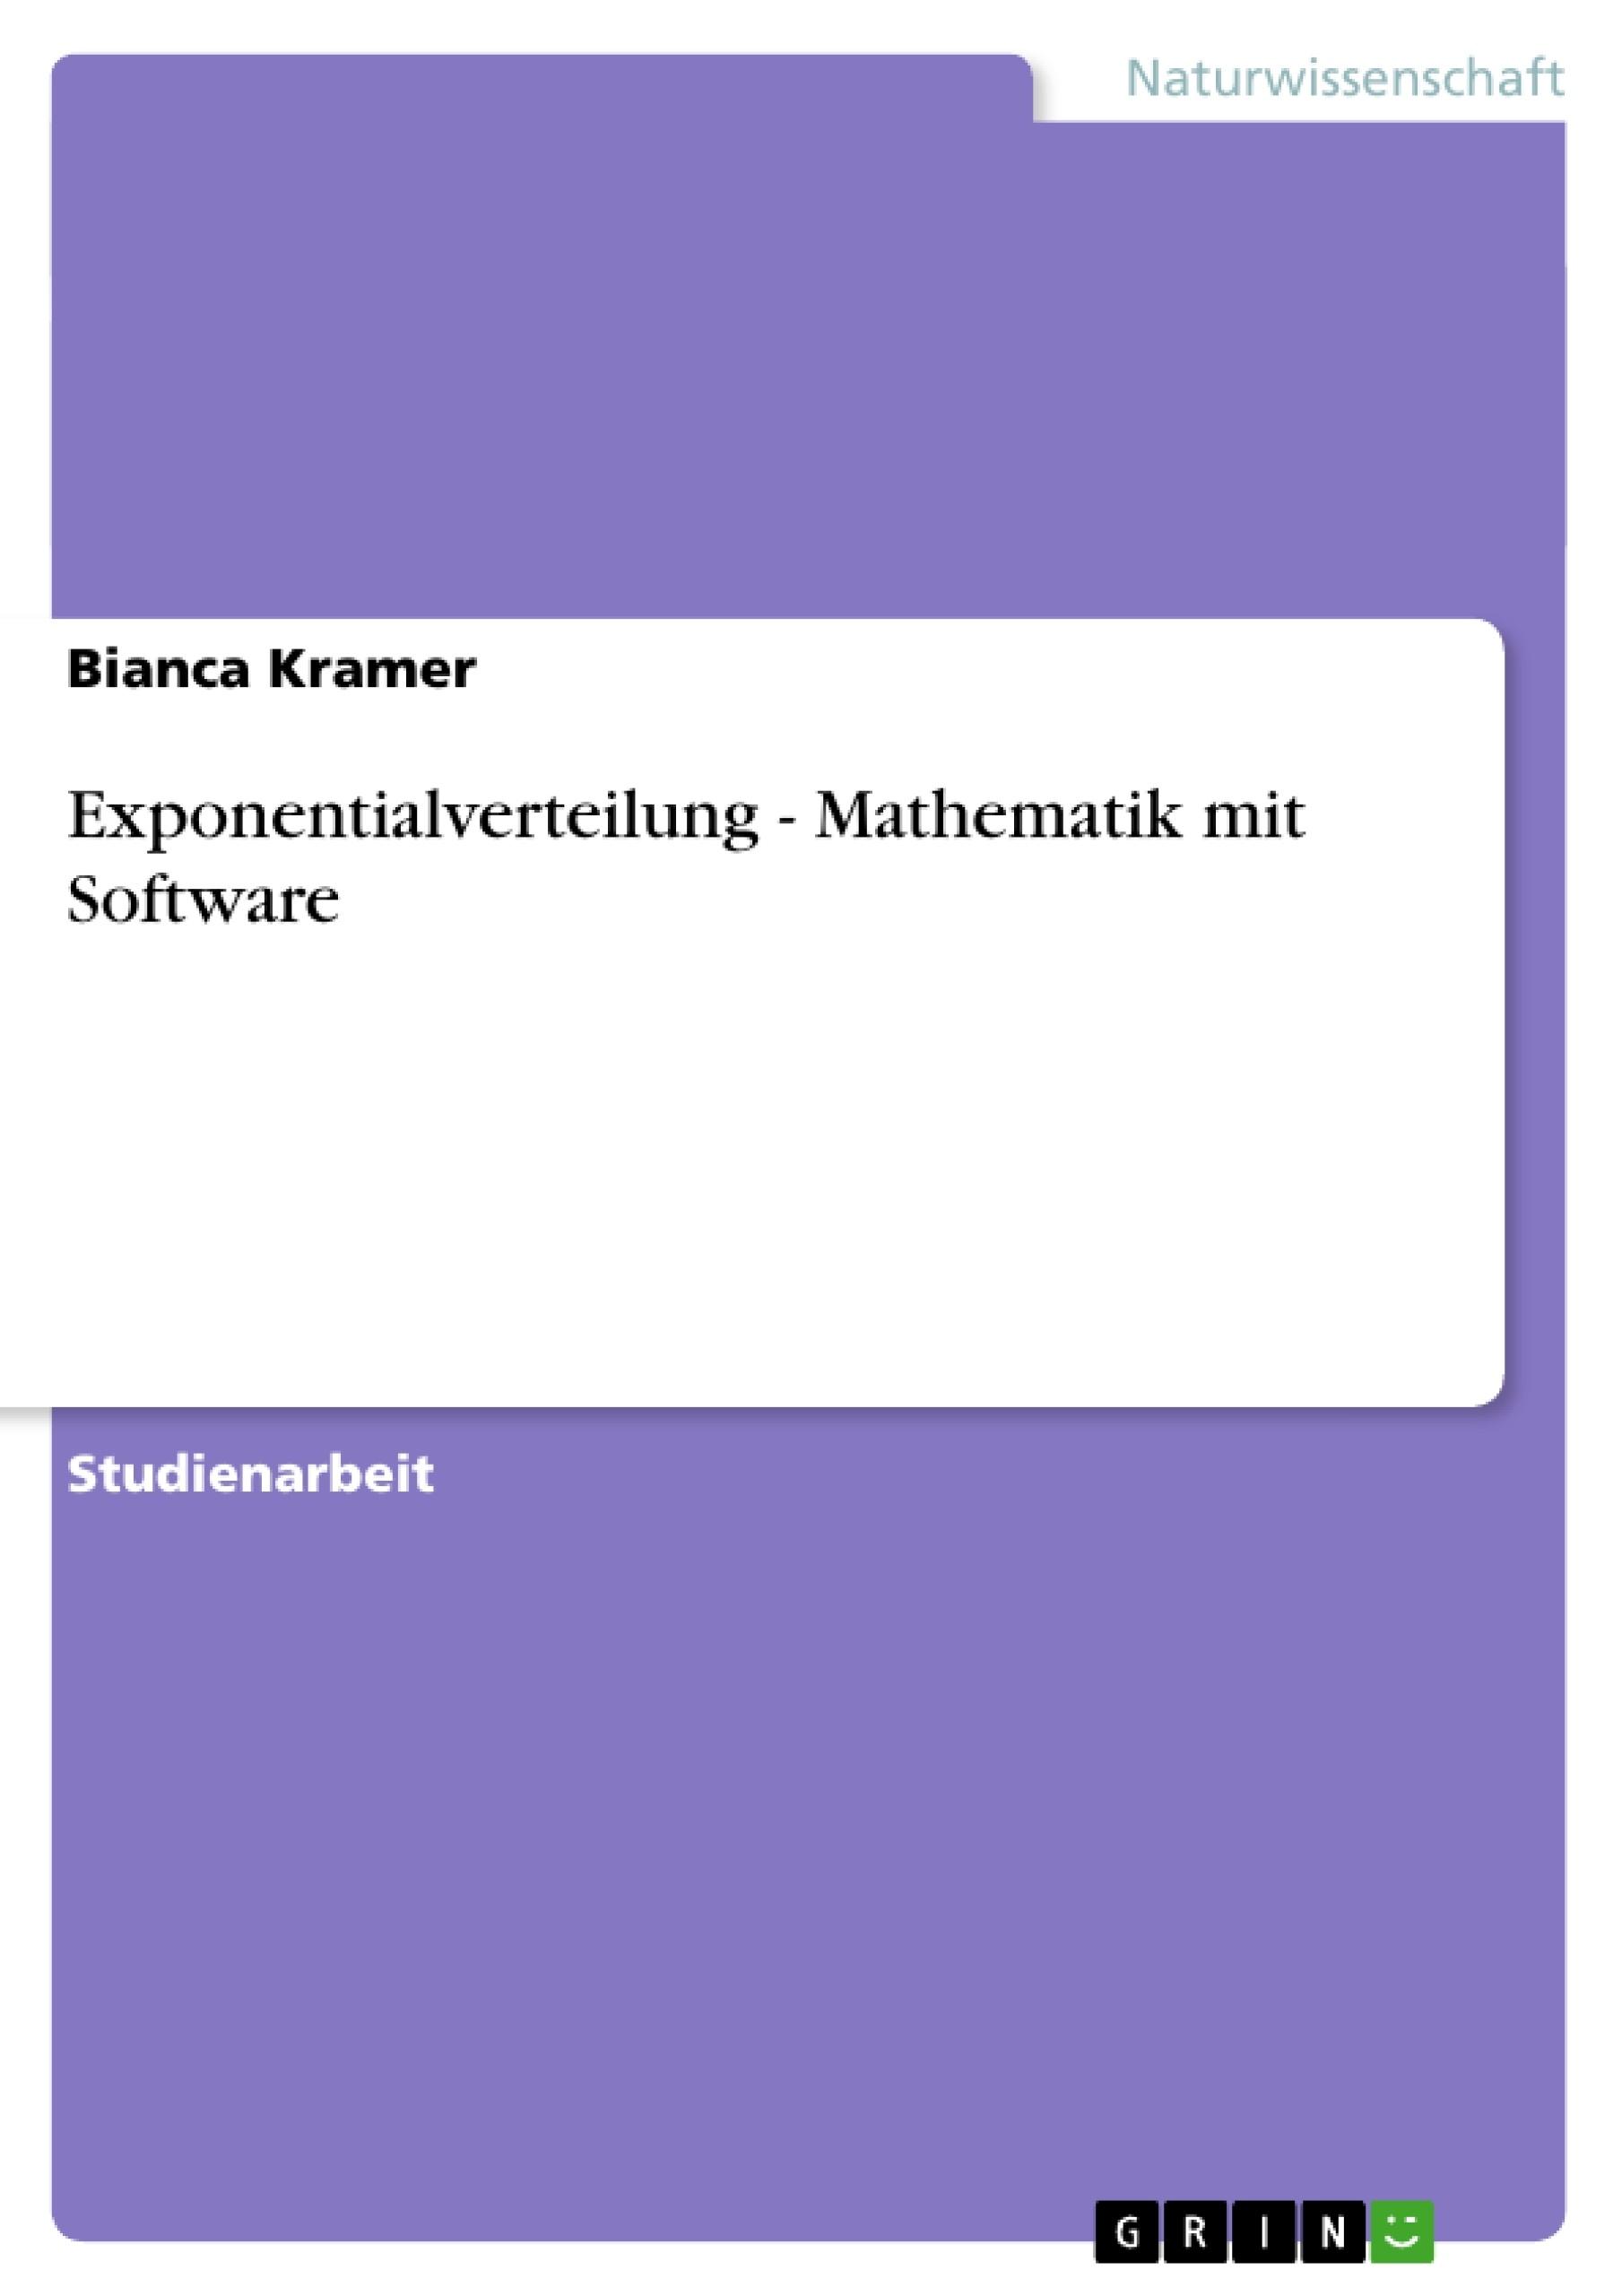 Titel: Exponentialverteilung - Mathematik mit Software